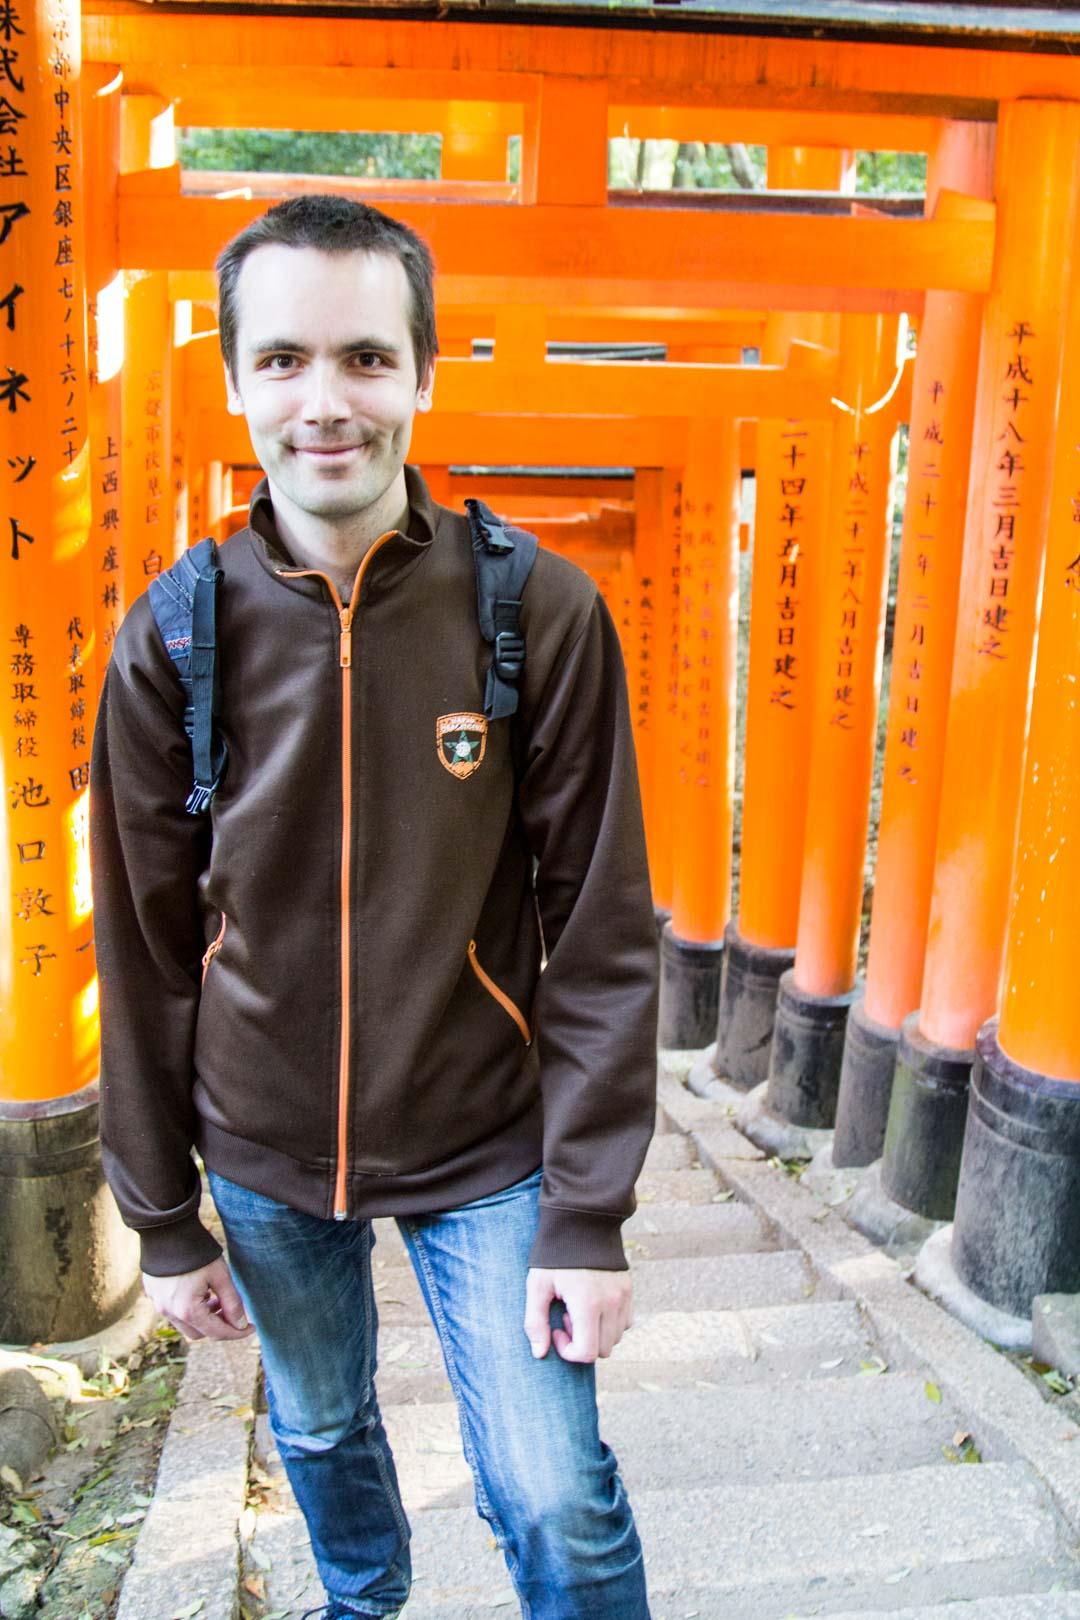 Inari pyhäkkö Kiotossa Japanissa